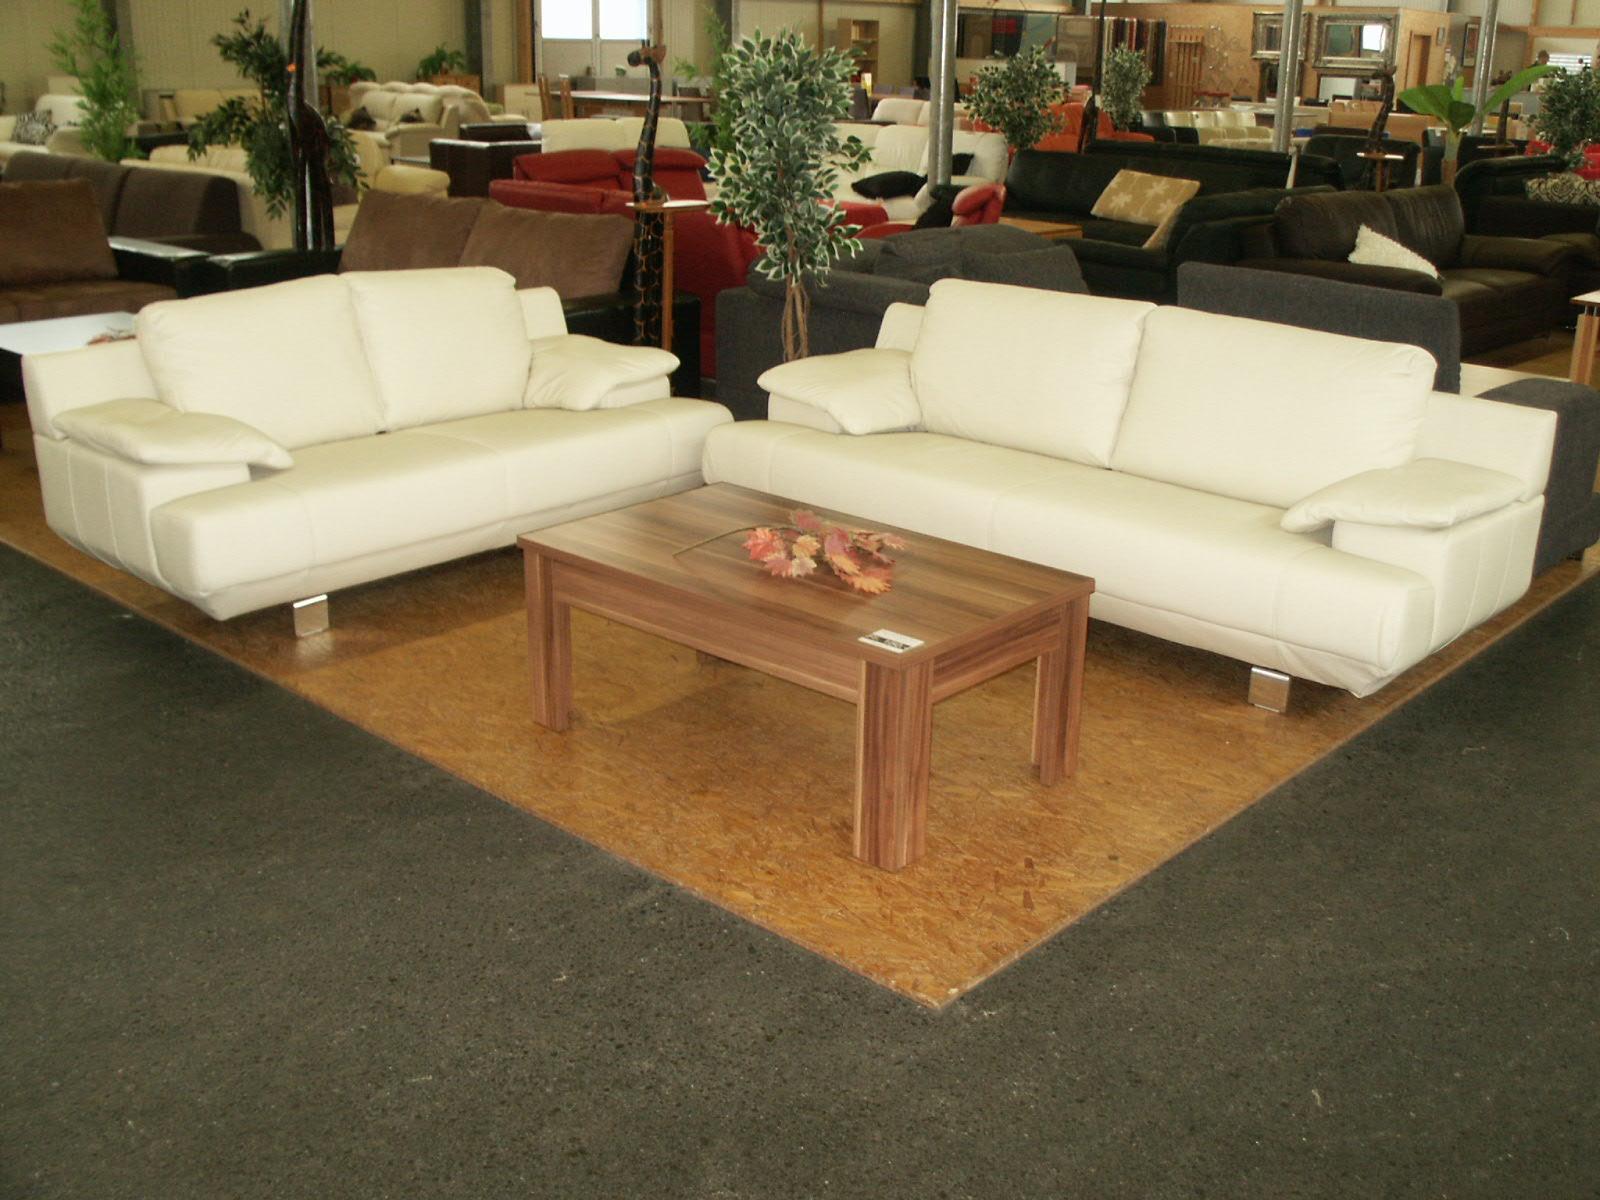 polstergruppe 3 2 leder beige nur fr 1990. Black Bedroom Furniture Sets. Home Design Ideas